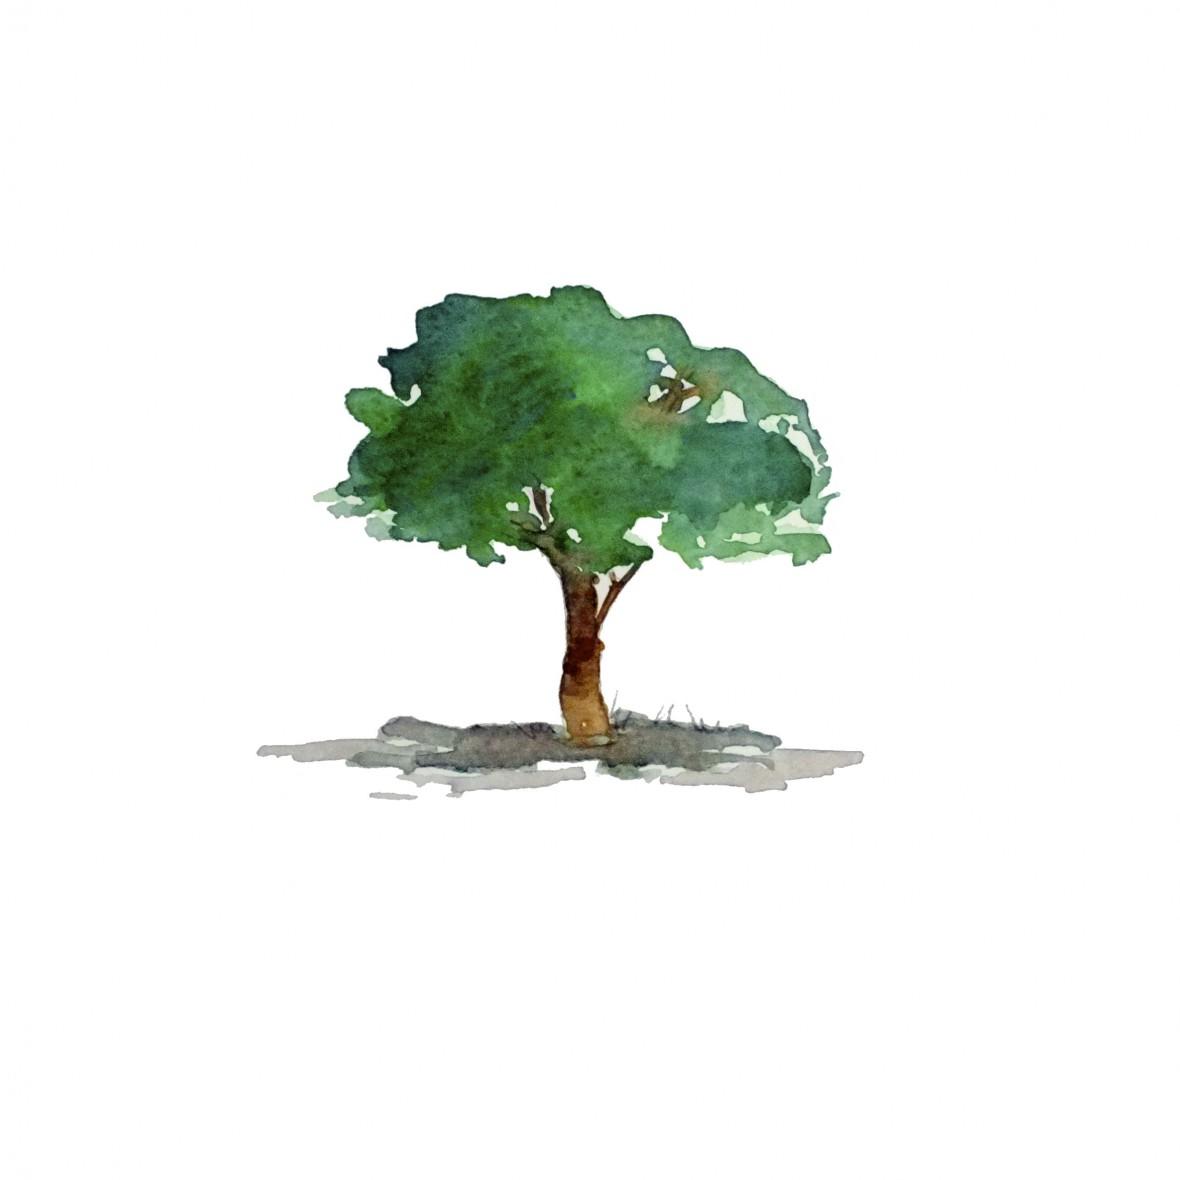 Etude arbre (1)